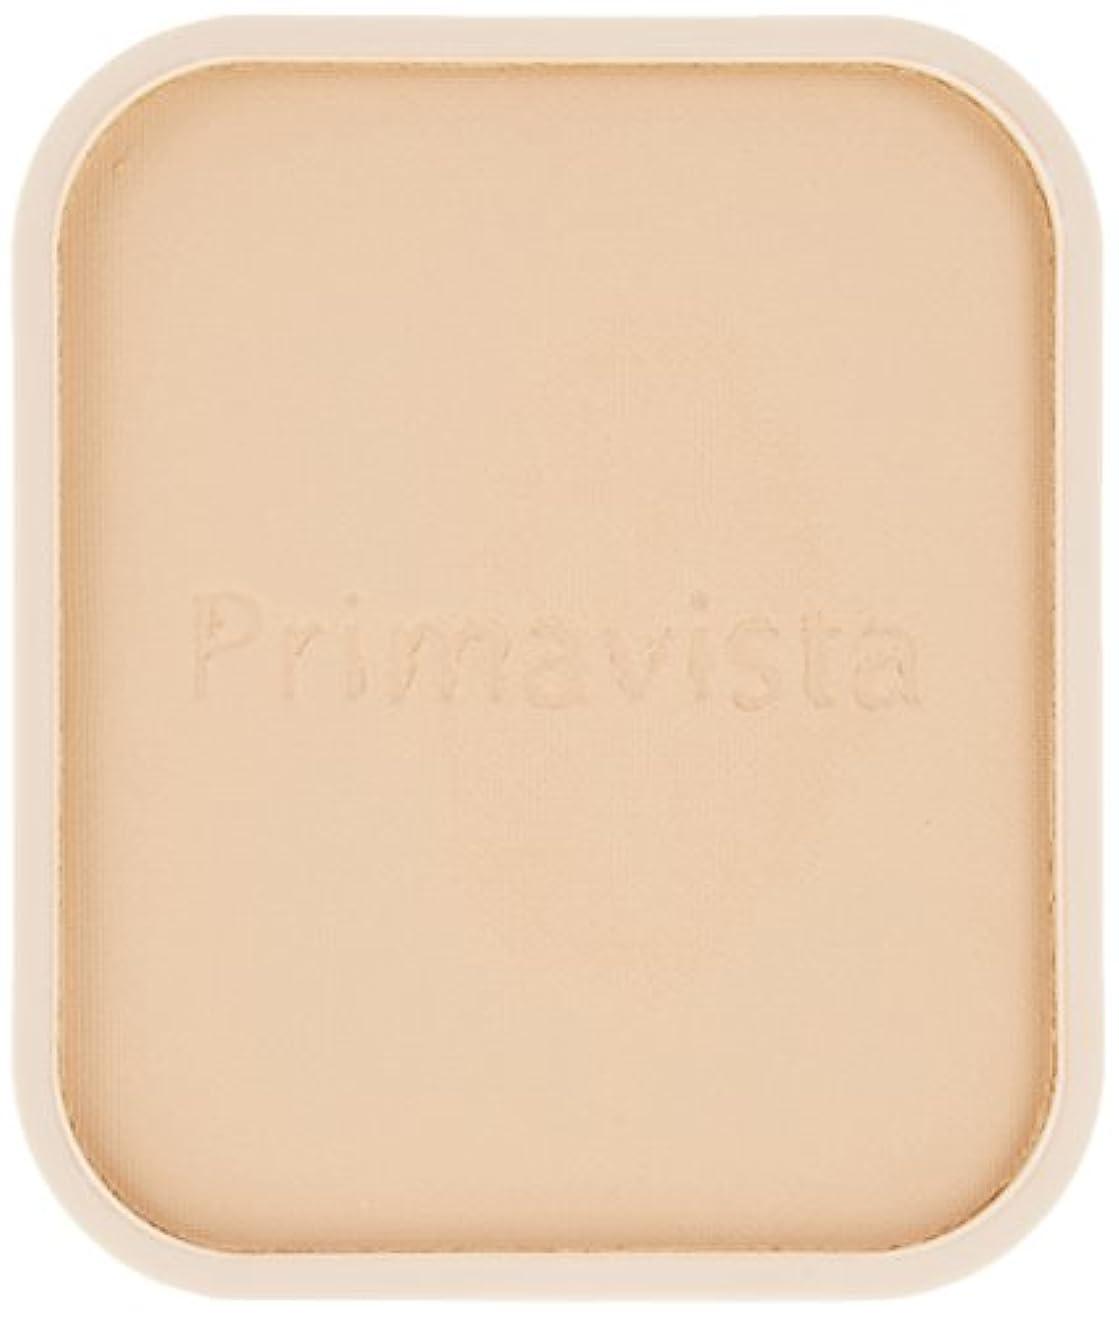 ご注意マネージャー変わるソフィーナ プリマヴィスタ くずれにくい 化粧のり実感パウダーファンデーションUV ベージュオークル03 レフィル